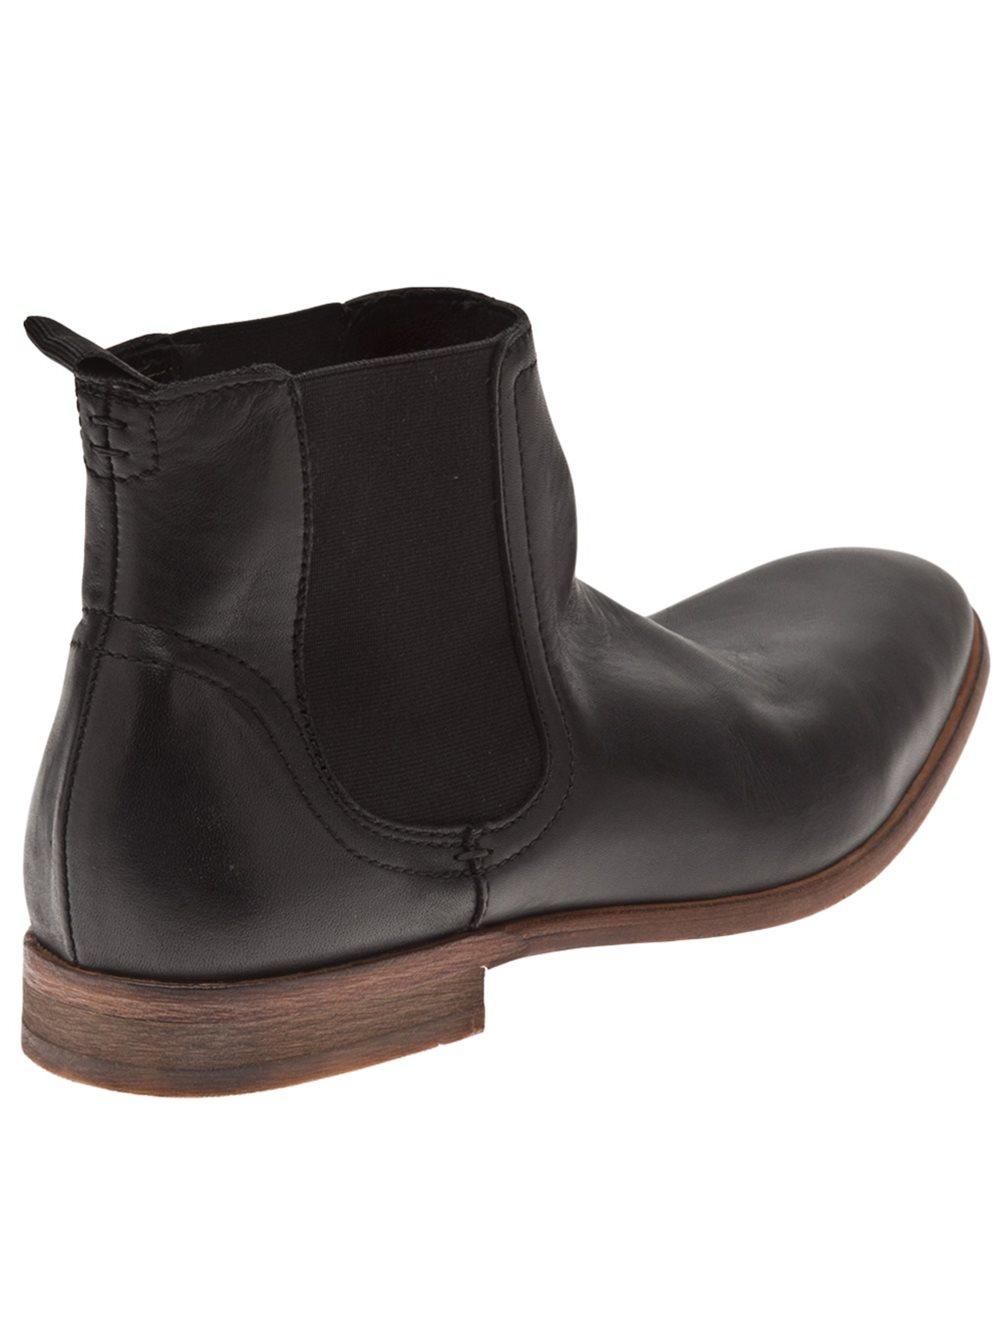 h by hudson 39 chelsea 39 boot in black for men lyst. Black Bedroom Furniture Sets. Home Design Ideas